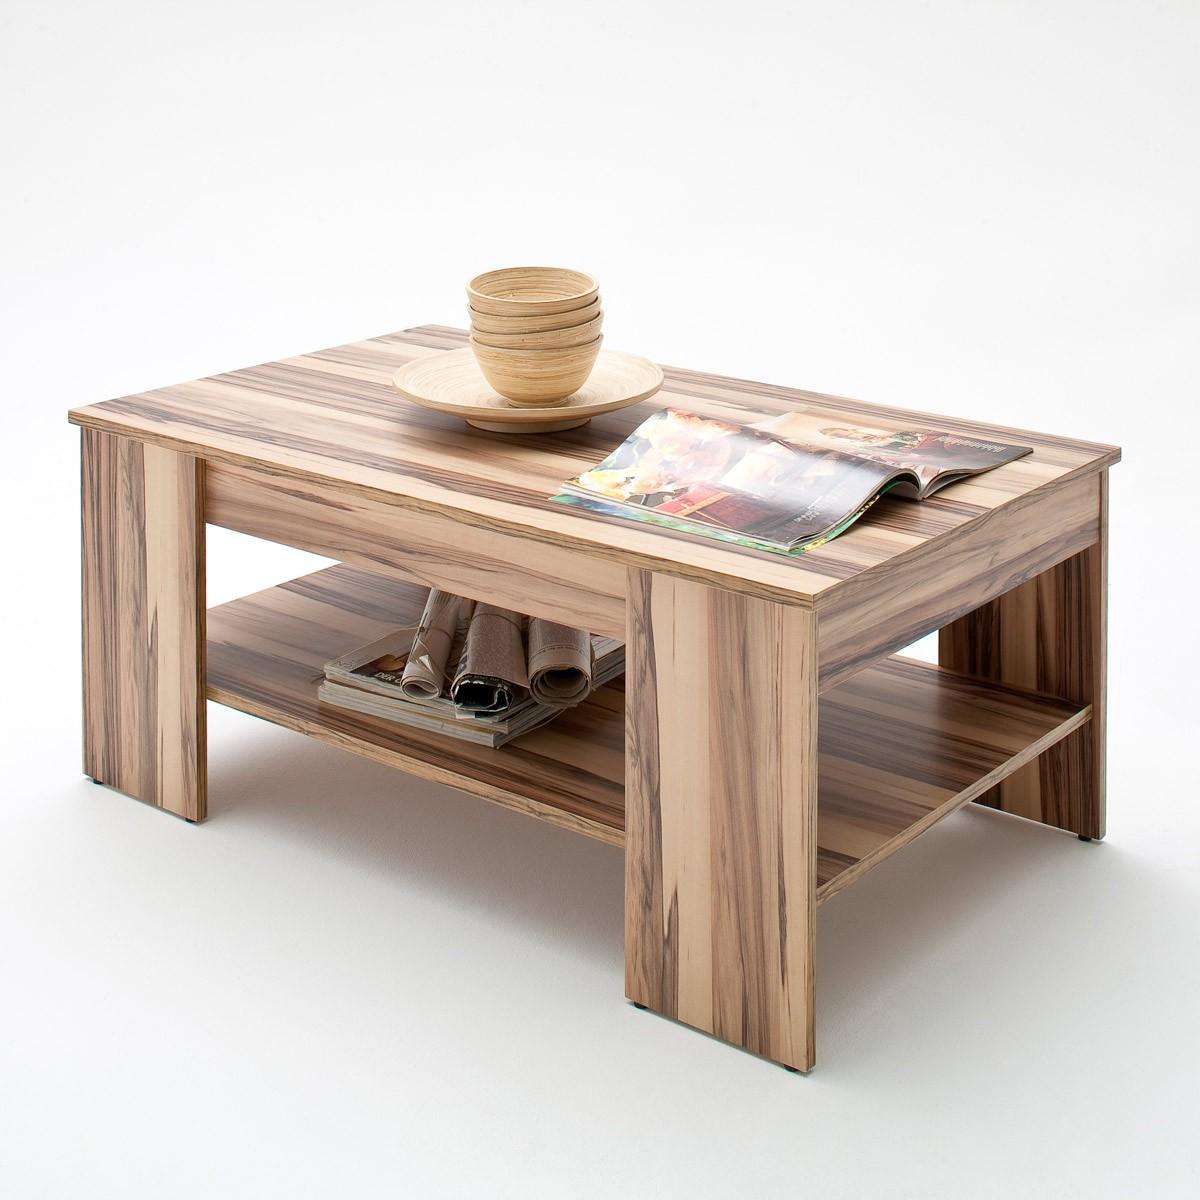 couchtisch wohnzimmertisch tisch wohnzimmer mit ablage in. Black Bedroom Furniture Sets. Home Design Ideas